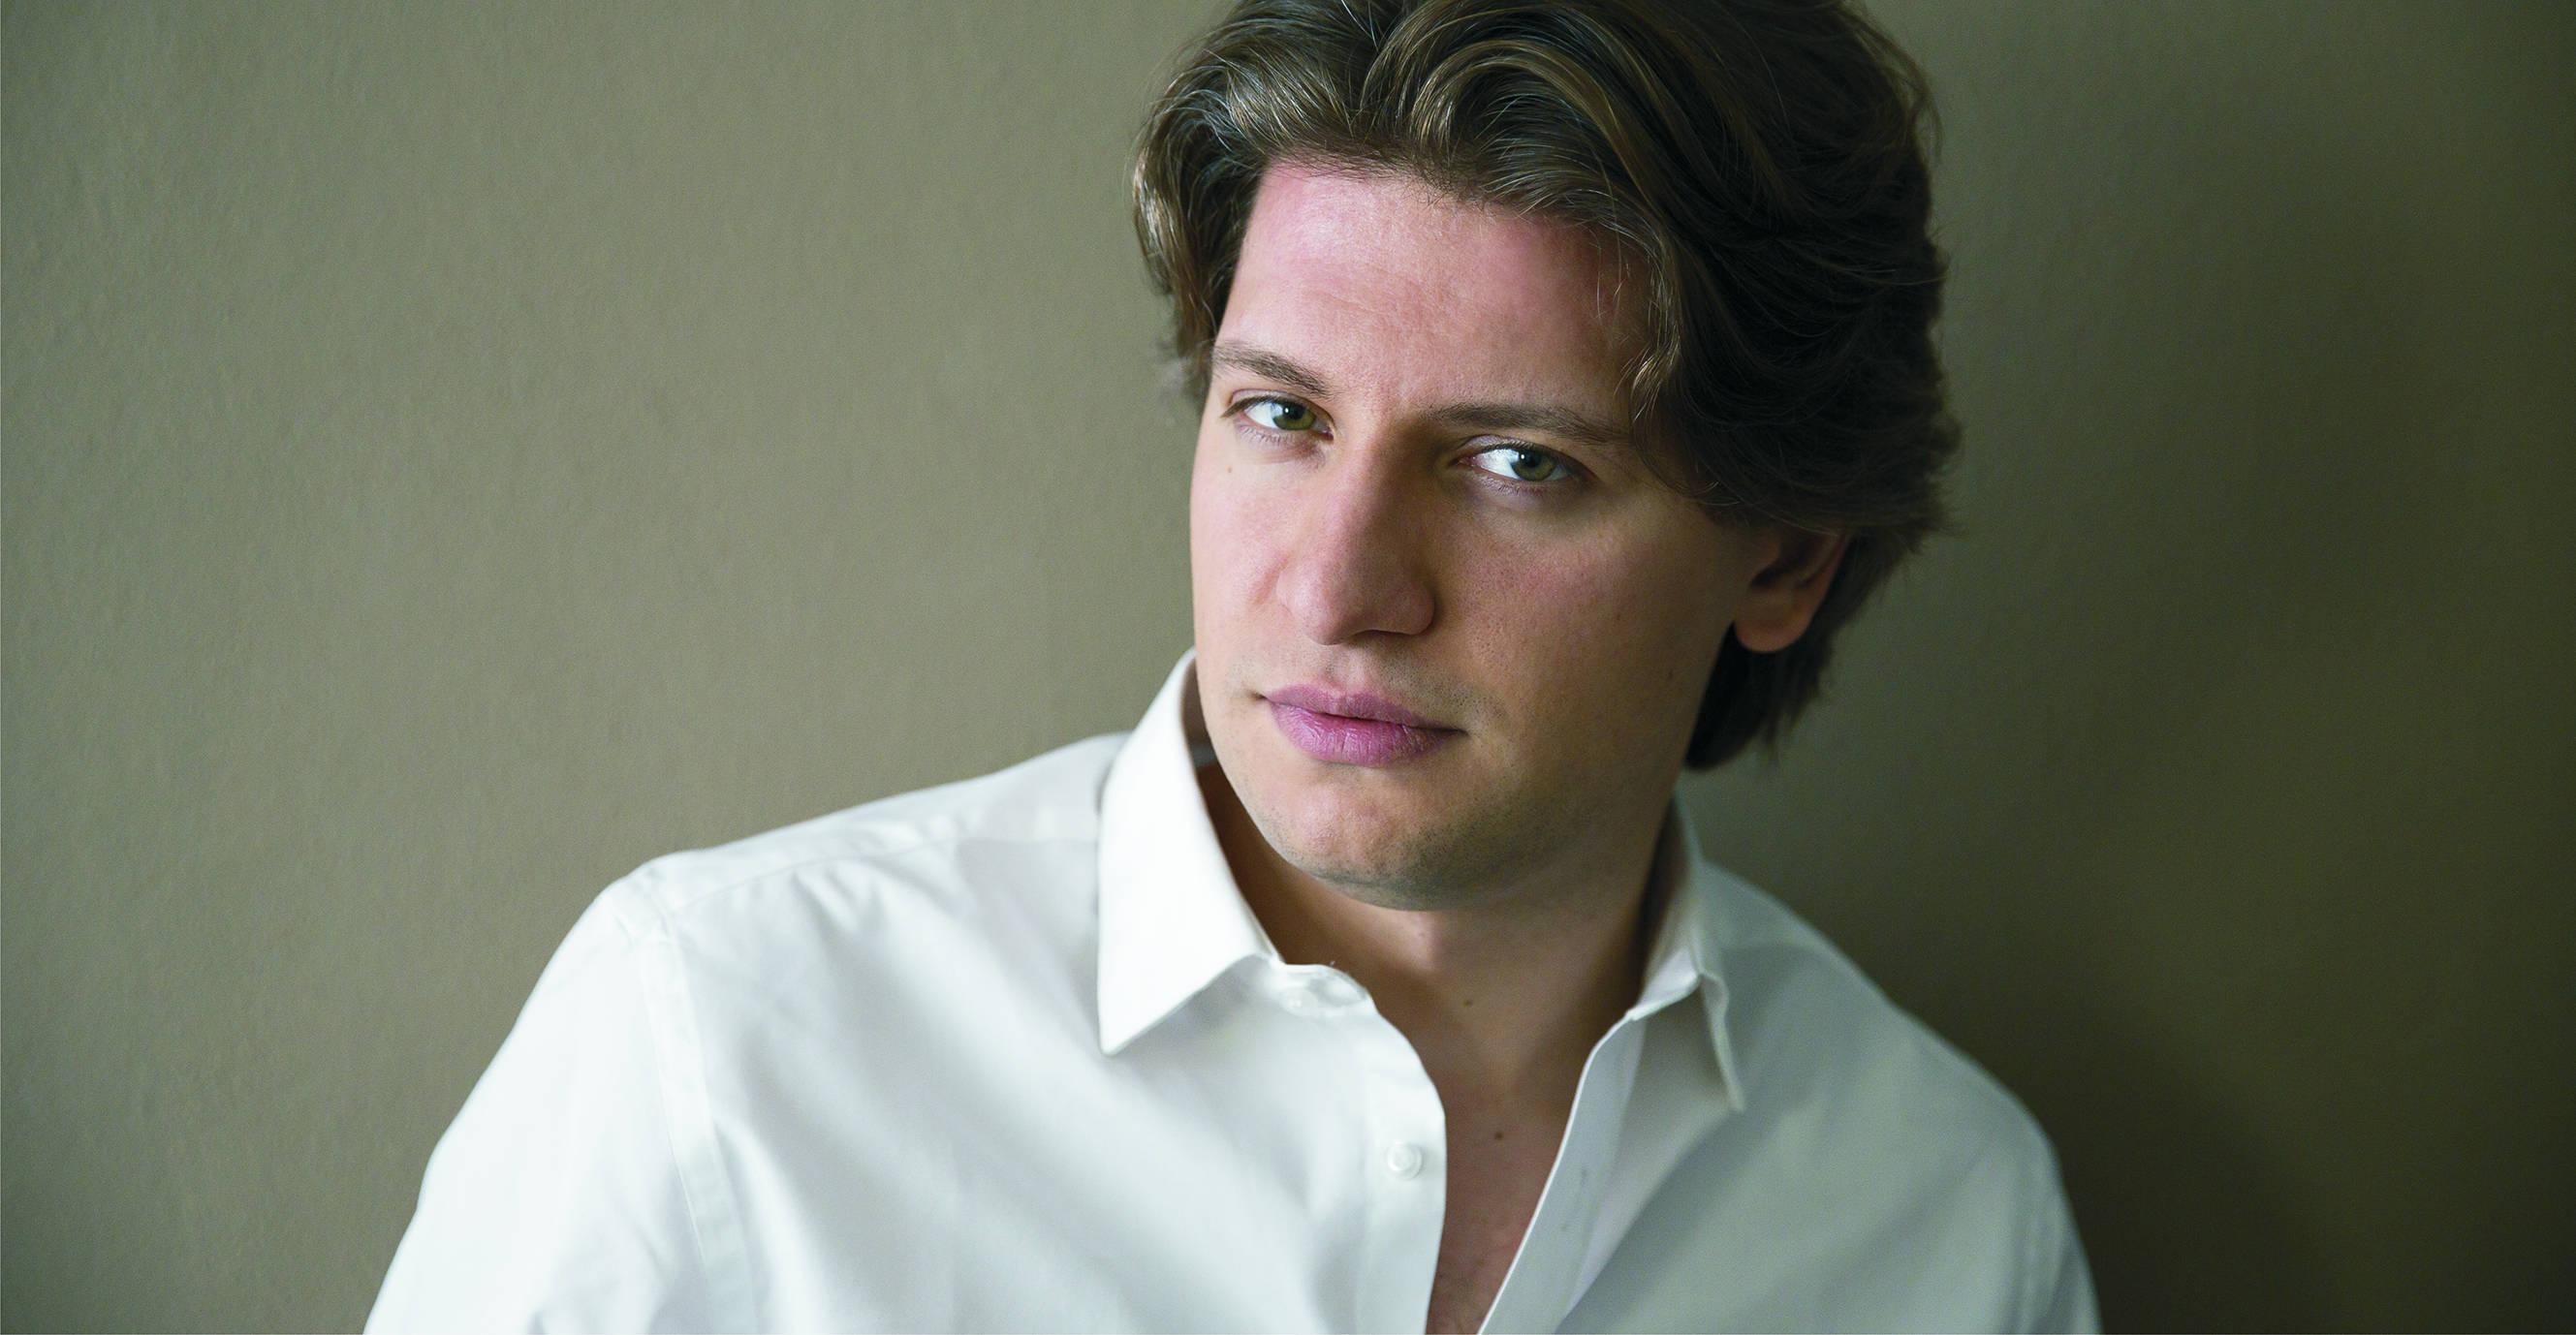 ダニエーレ・ルスティオーニは最も注目を集める「イタリア三羽烏」の一人だ © Davide Cerati